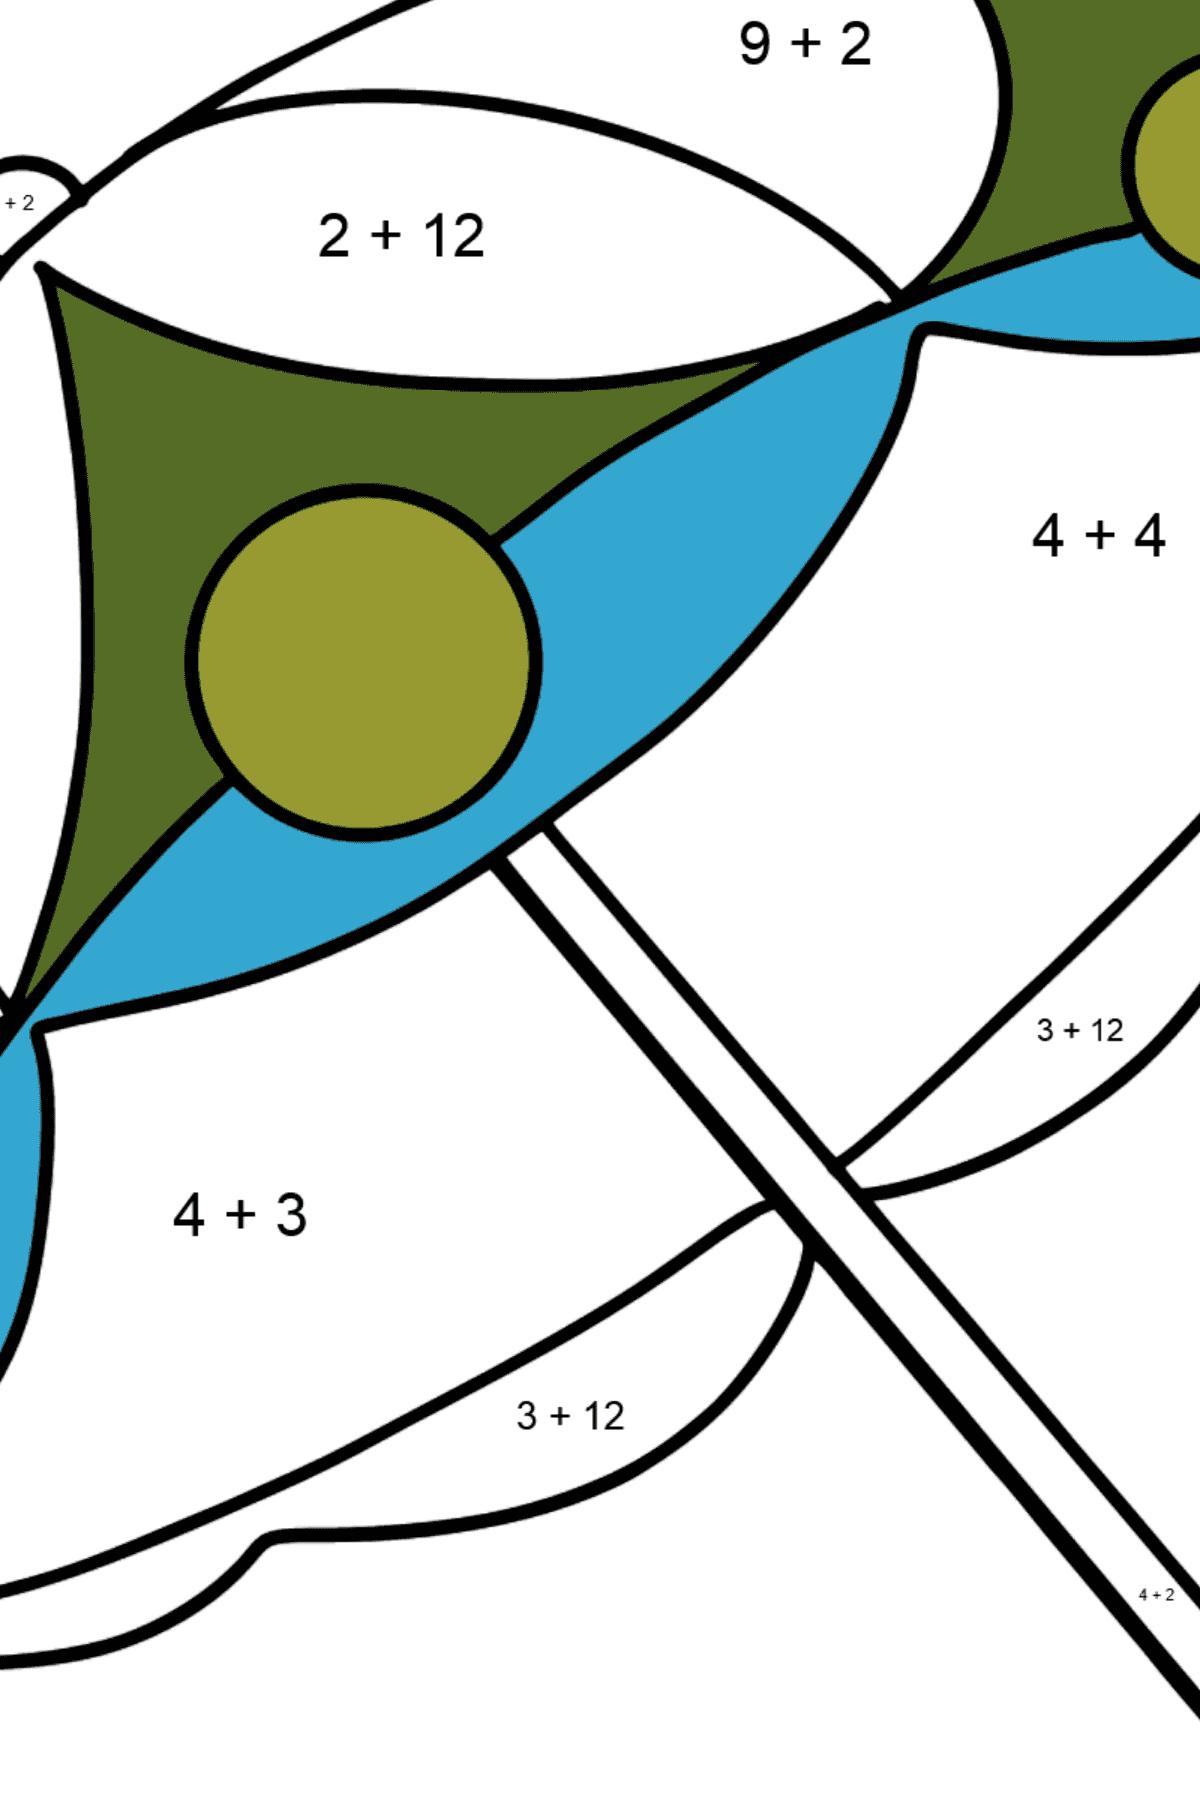 Раскраска зонт - Математическая Раскраска - Сложение для Детей